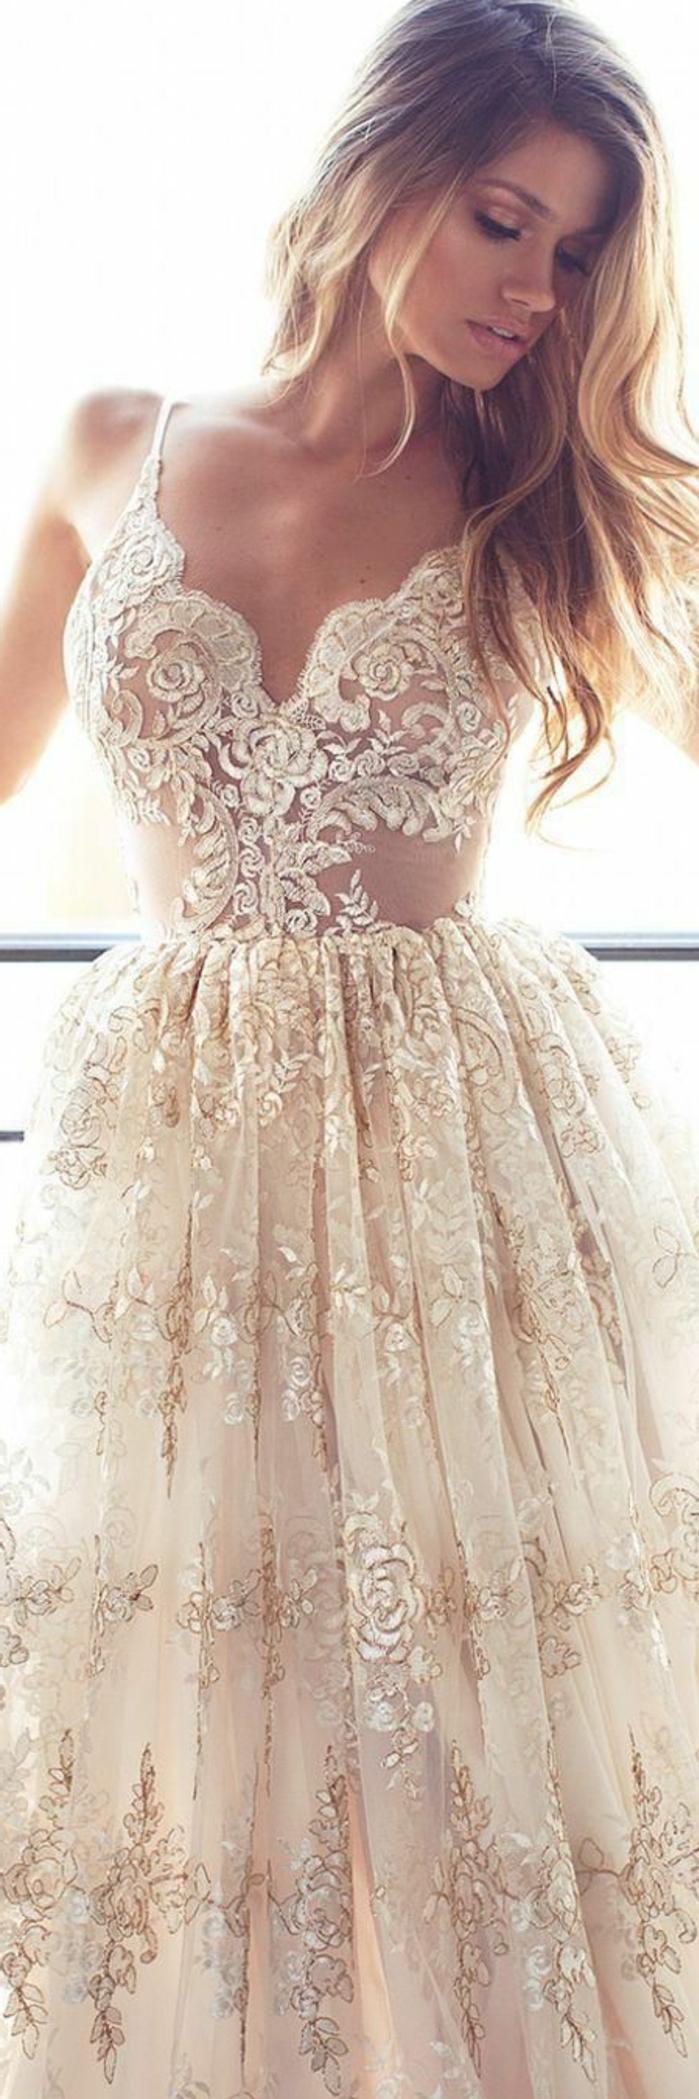 robe de mariée couleur champagne, robe avec broderie et avec bustier et petites bretelles